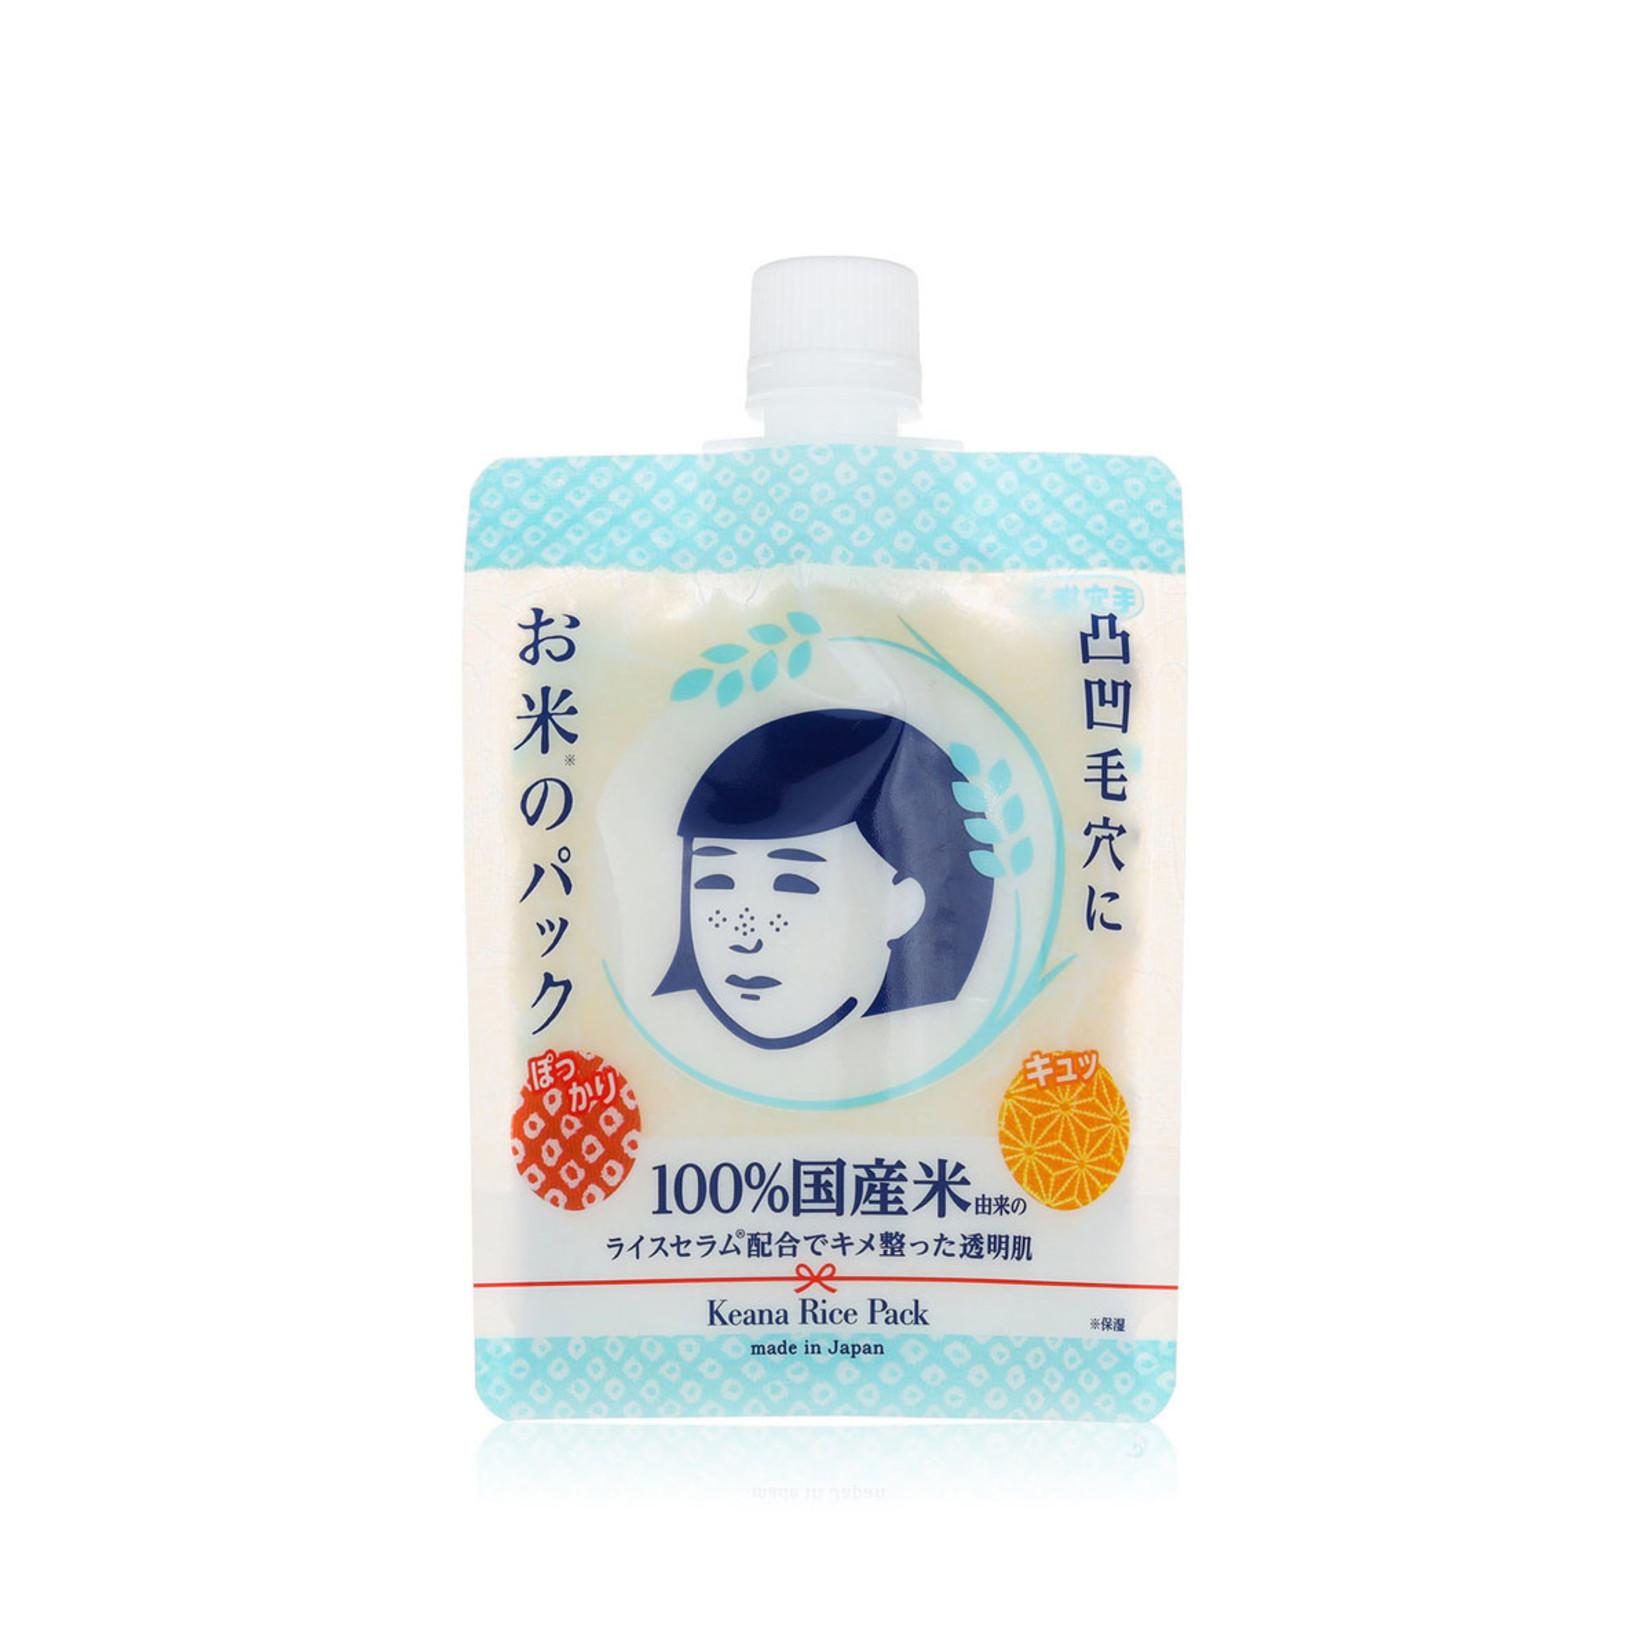 Ishizawa Lab Ishizawa Keana Nadeshiko Keana Okome Pack